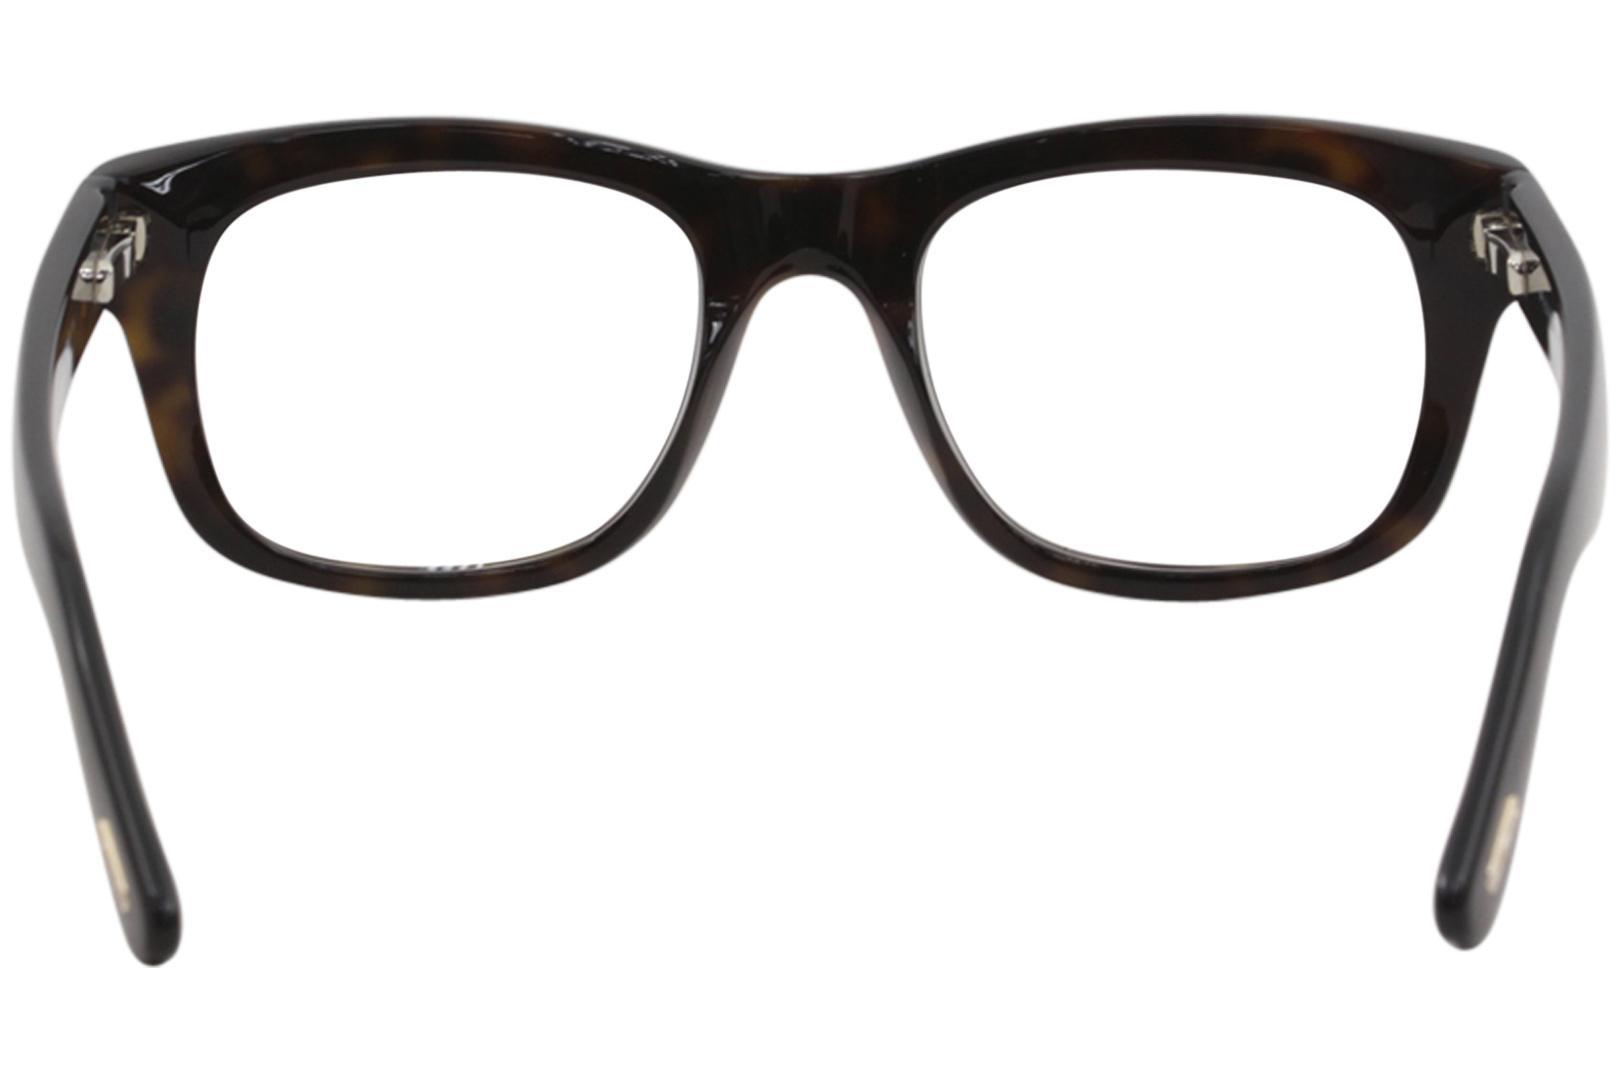 e9007b79242a8 Tom Ford Men s Eyeglasses TF5472 TF 5472 Full Rim Optical Frame by Tom Ford